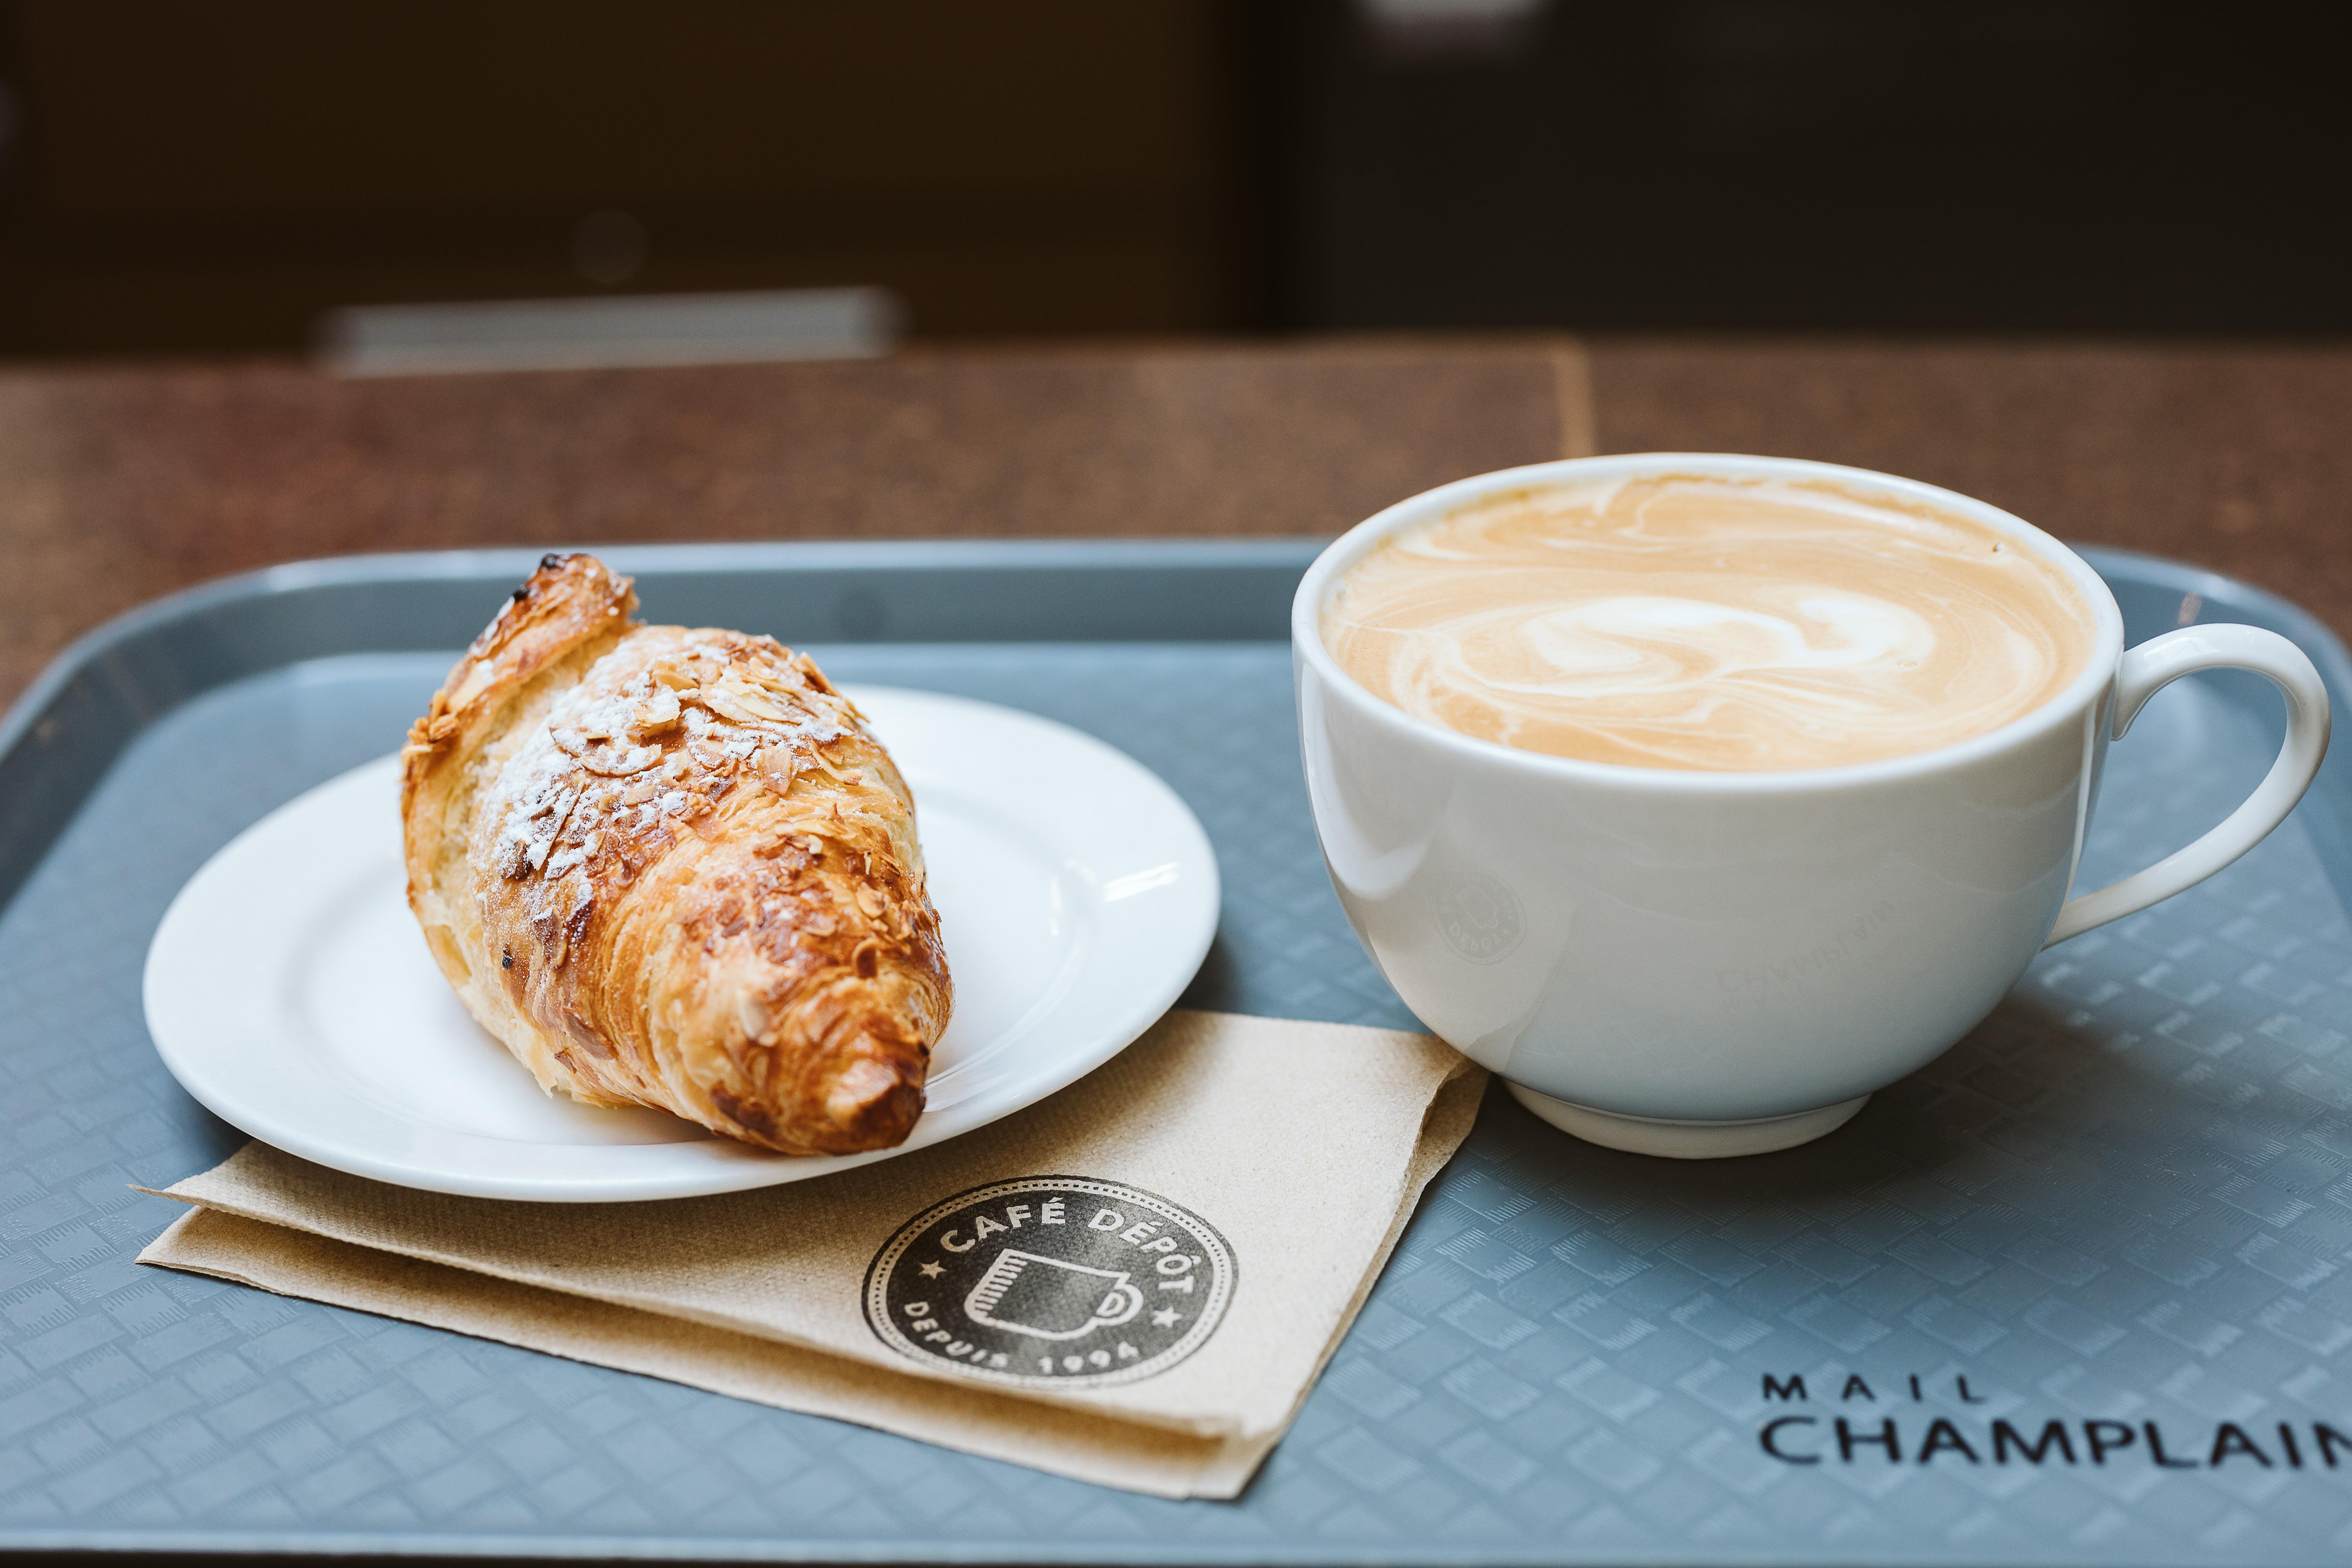 Café Dépôt - Mail Champlain